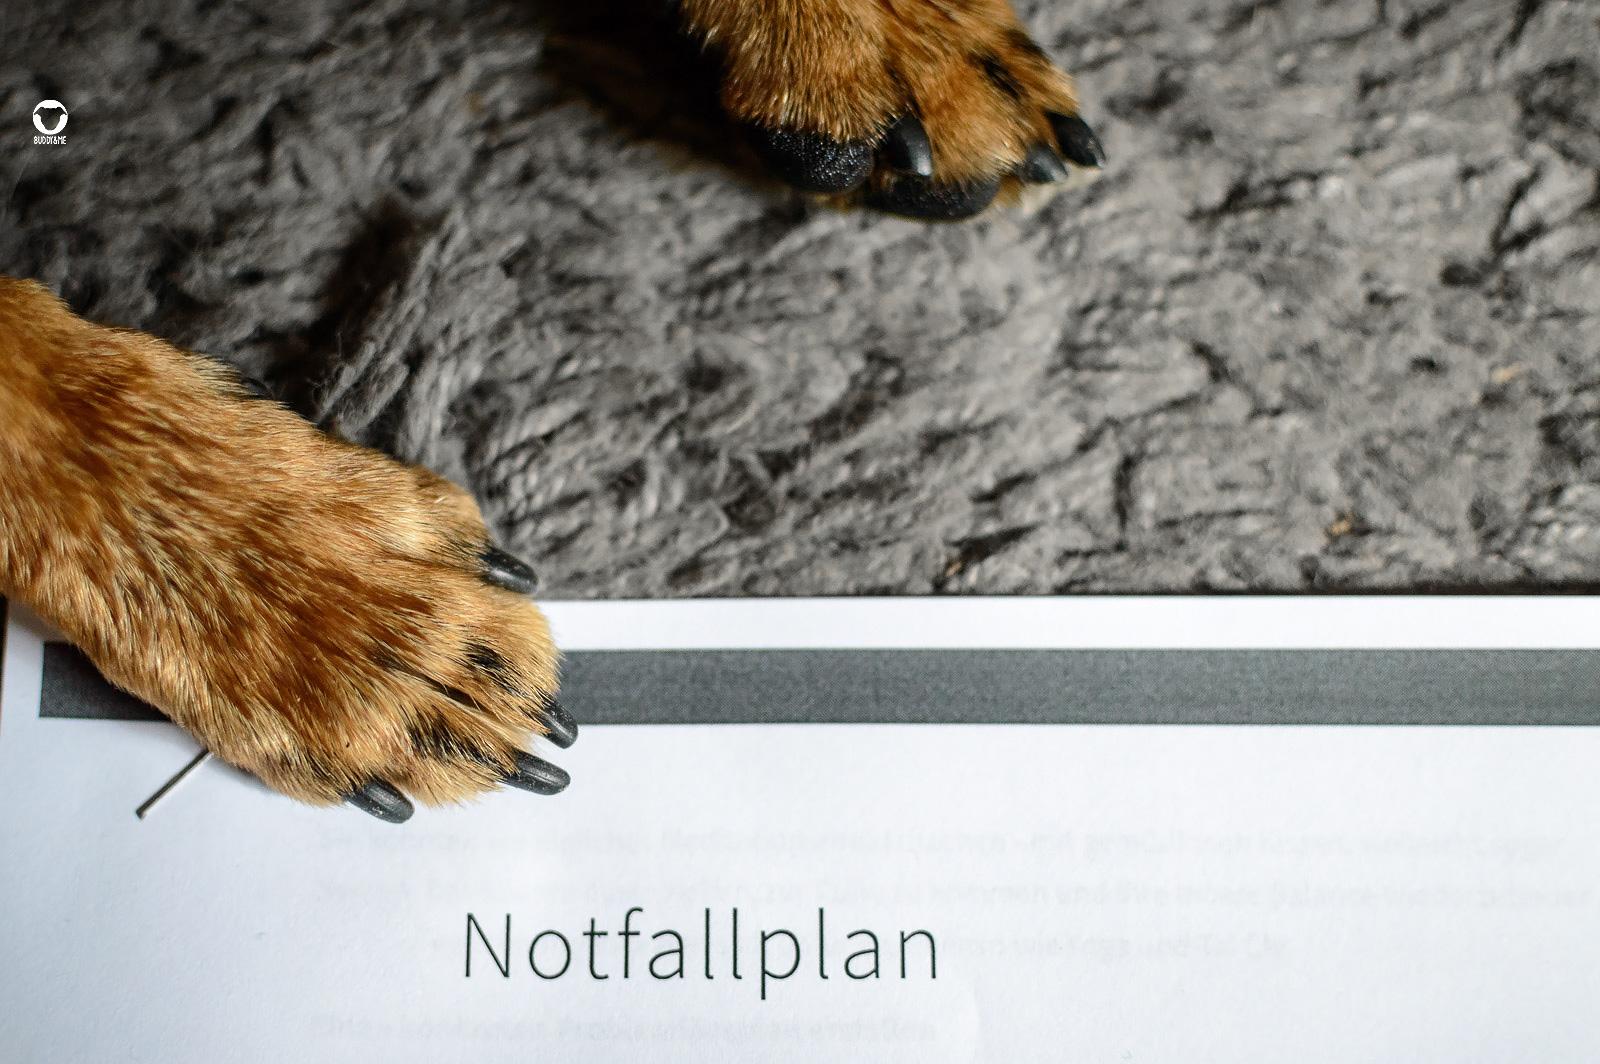 Notfallplan rund um Hund - Buddy's Pfote liegt auf einem ausgedruckten Notfallplan